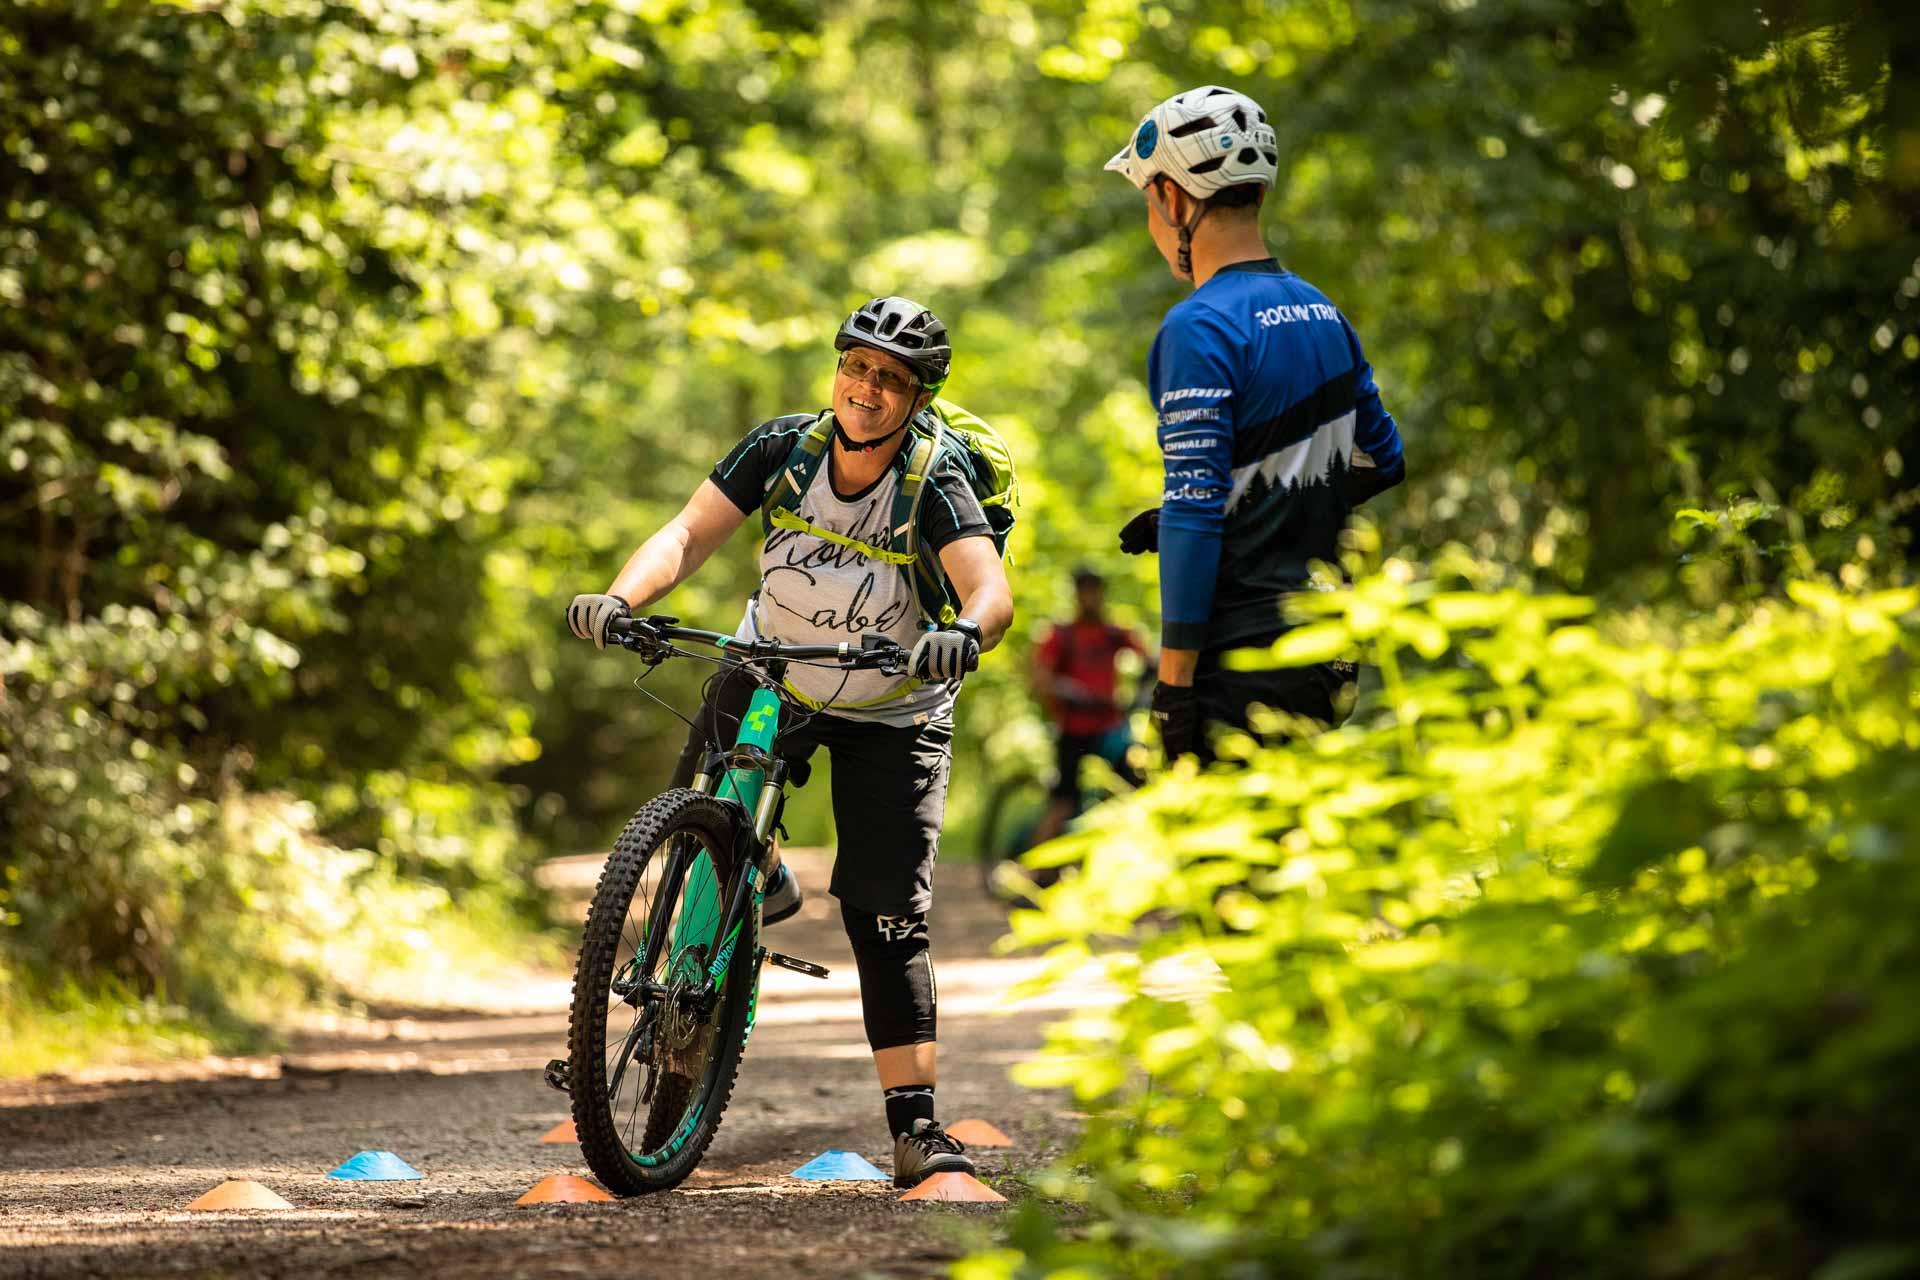 eMTB Fahrtechnik Einsteiger Siegburg Bonn eBike Kurs für eBike Einsteiger_Rock my Trail Bikeschule - 330